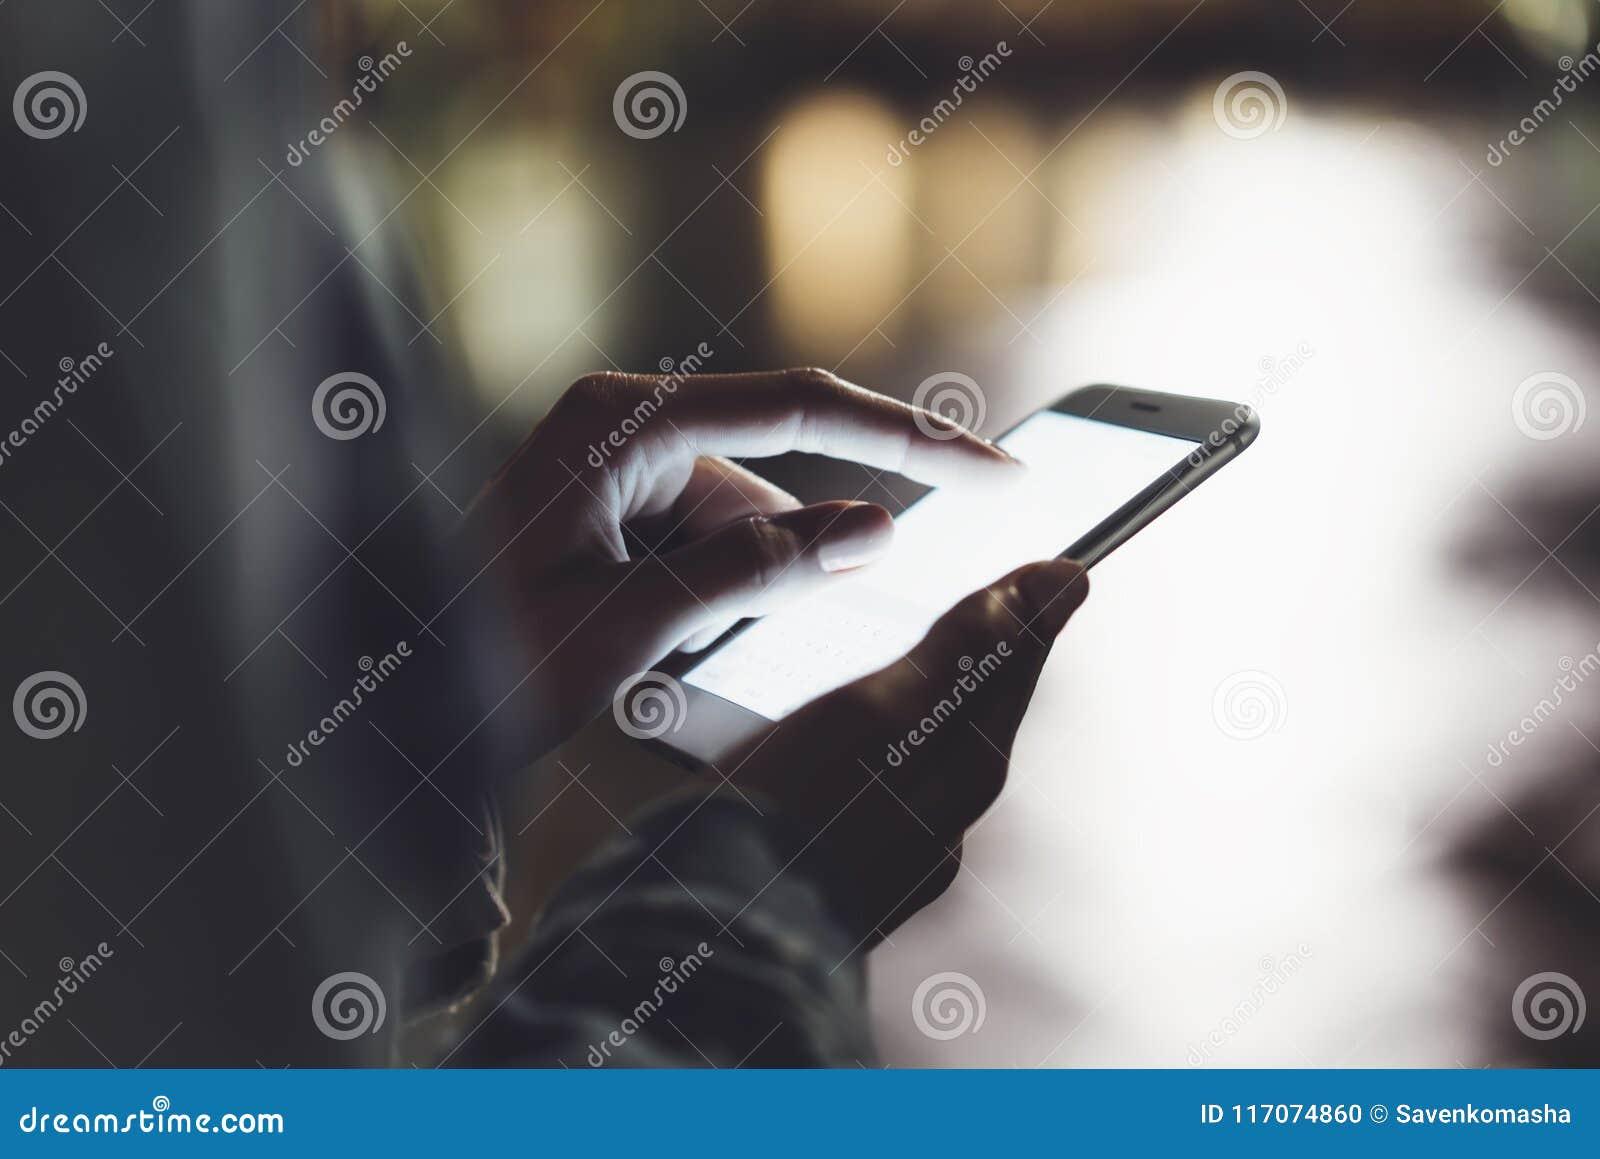 Meisje die vinger op het schermsmartphone richten op het licht van de achtergrondverlichtingsgloed bokeh in stad van nacht de atm